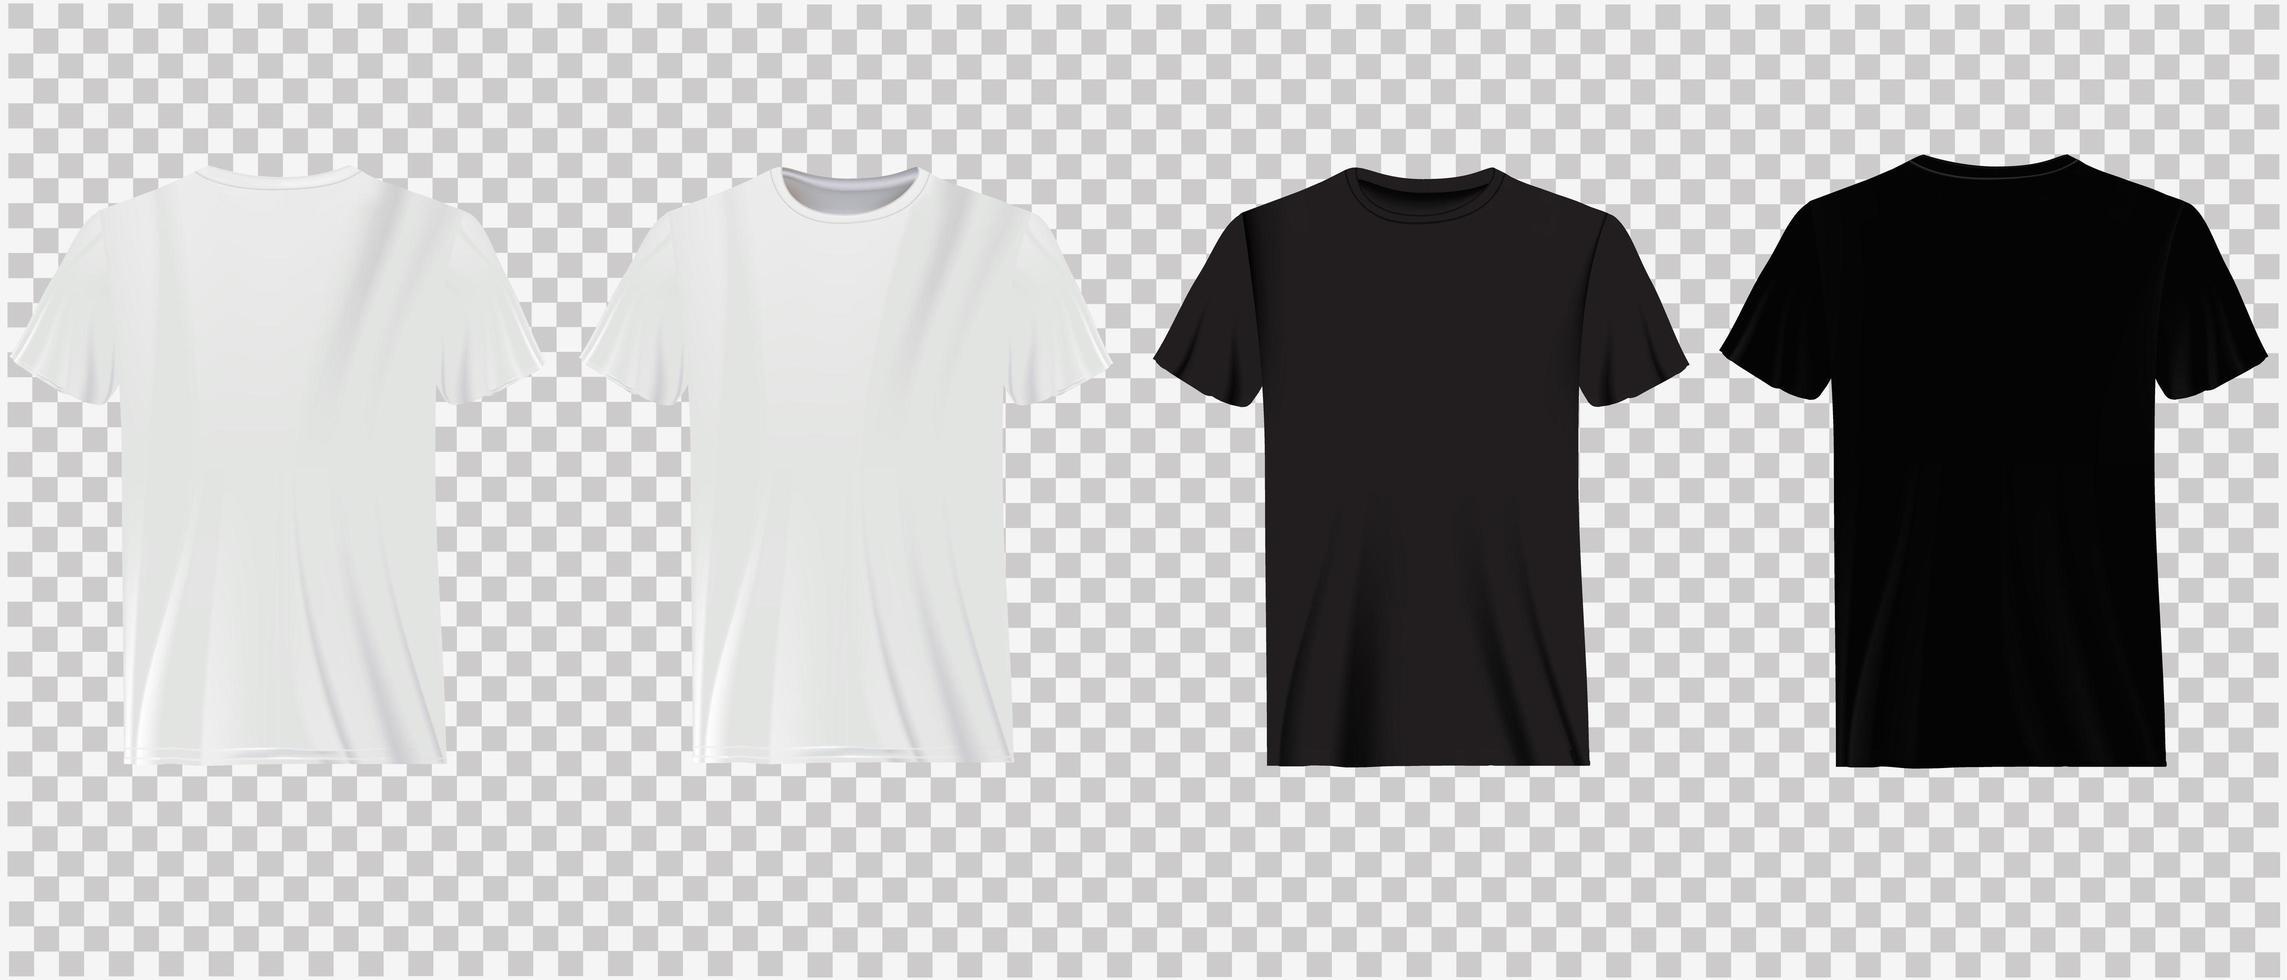 camisetas brancas e pretas sobre transparência vetor